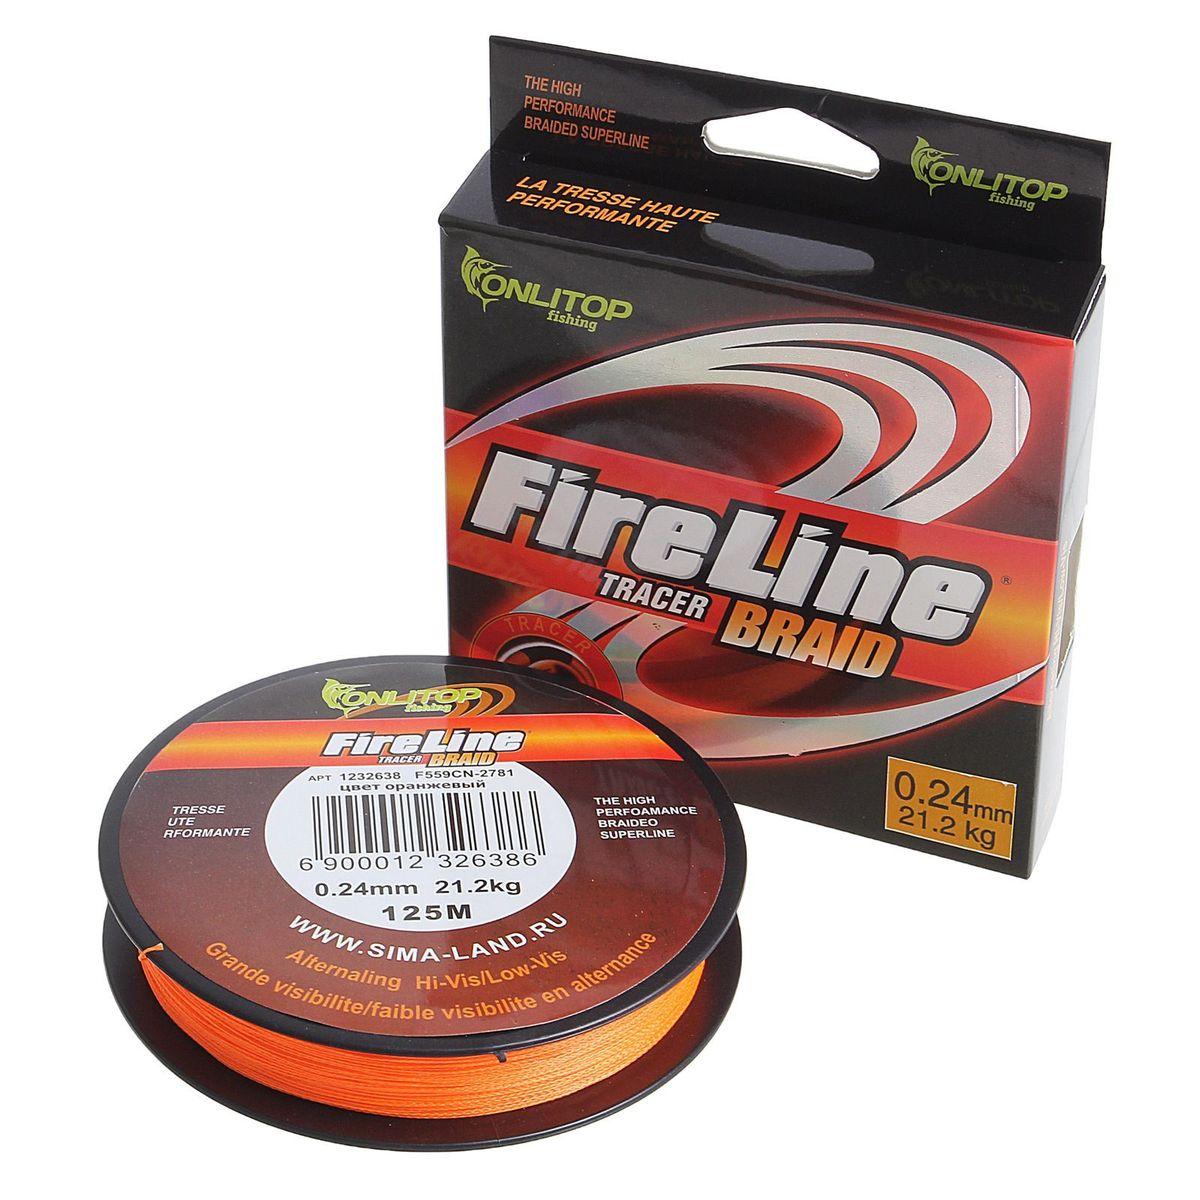 Плетеный шнур Onlitop Easy Cast, толщина 0,24 мм, длина 125 м, цвет: оранжевый03/1/12Особенности Шнур Easy Cast : низкая цена шнура;низкая гигроскопичность (не впитывает воду);положительная плавучесть;устойчивость к соленой воде (шнуры для морской рыбалки);устойчивость к агрессивным средам;не теряет свойств до 80 градусов Цельсия ;широкая гамма цветов.